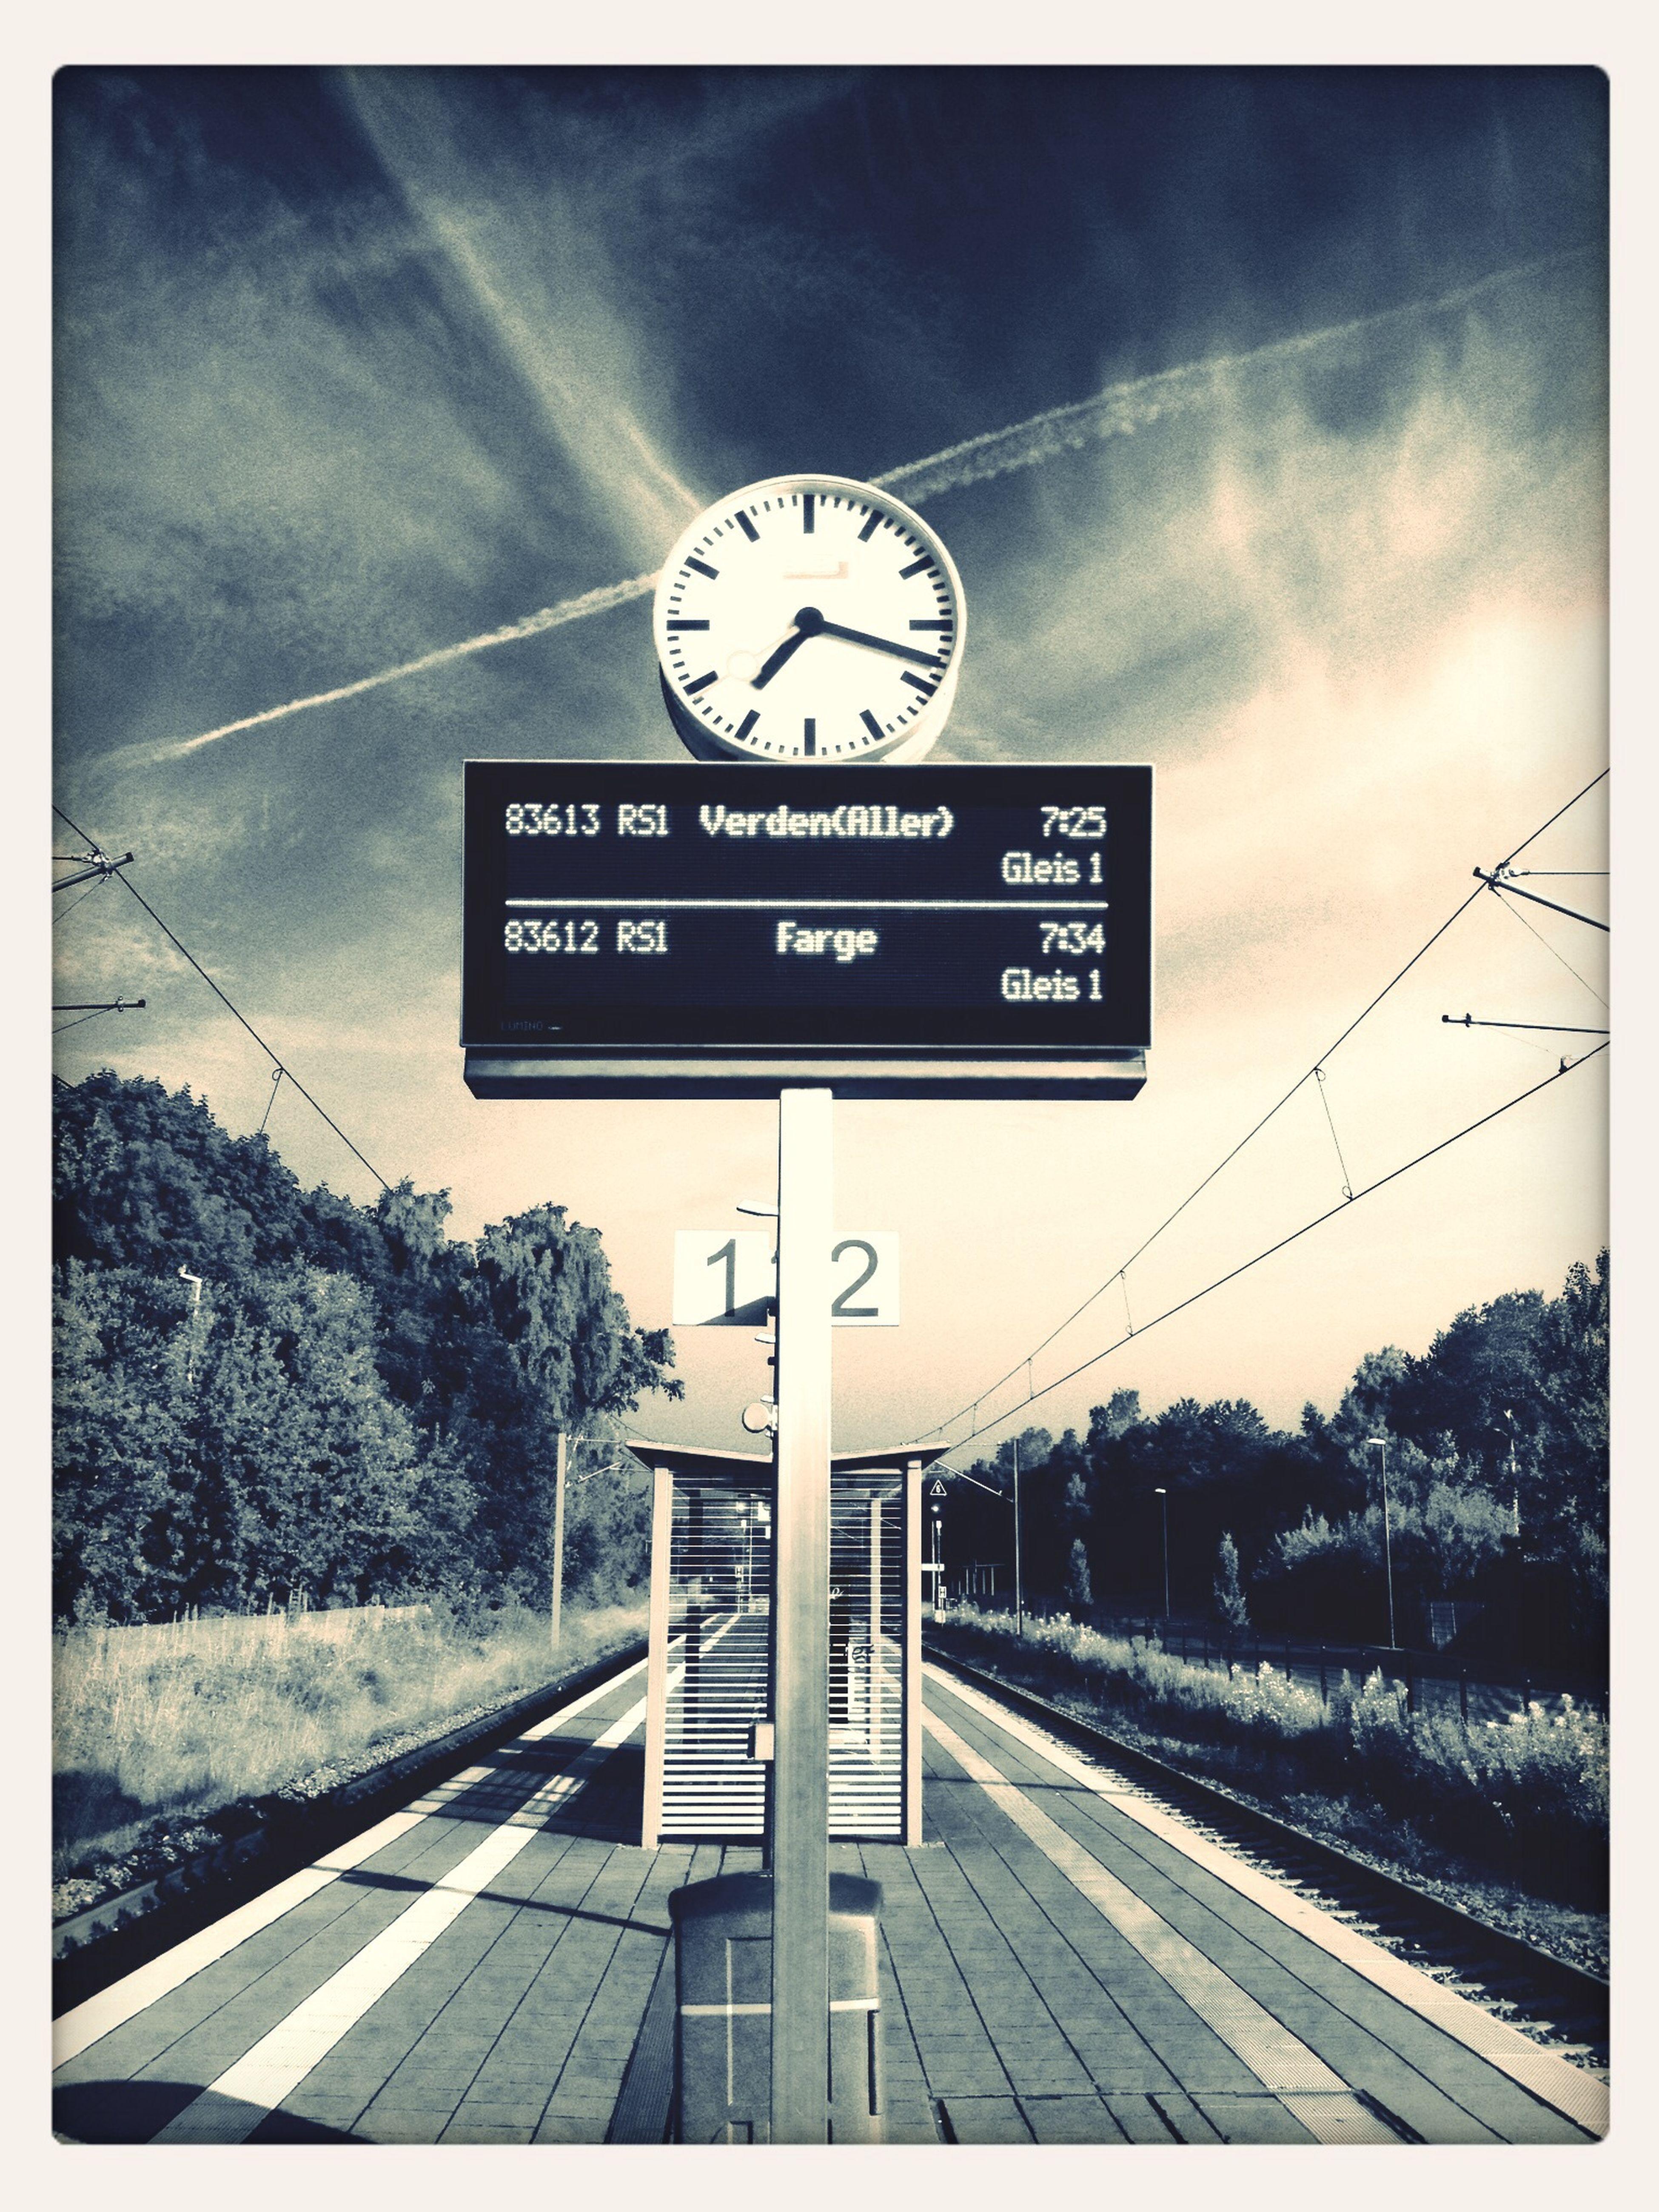 Train Station Bremen - Aumund Clock Waiting